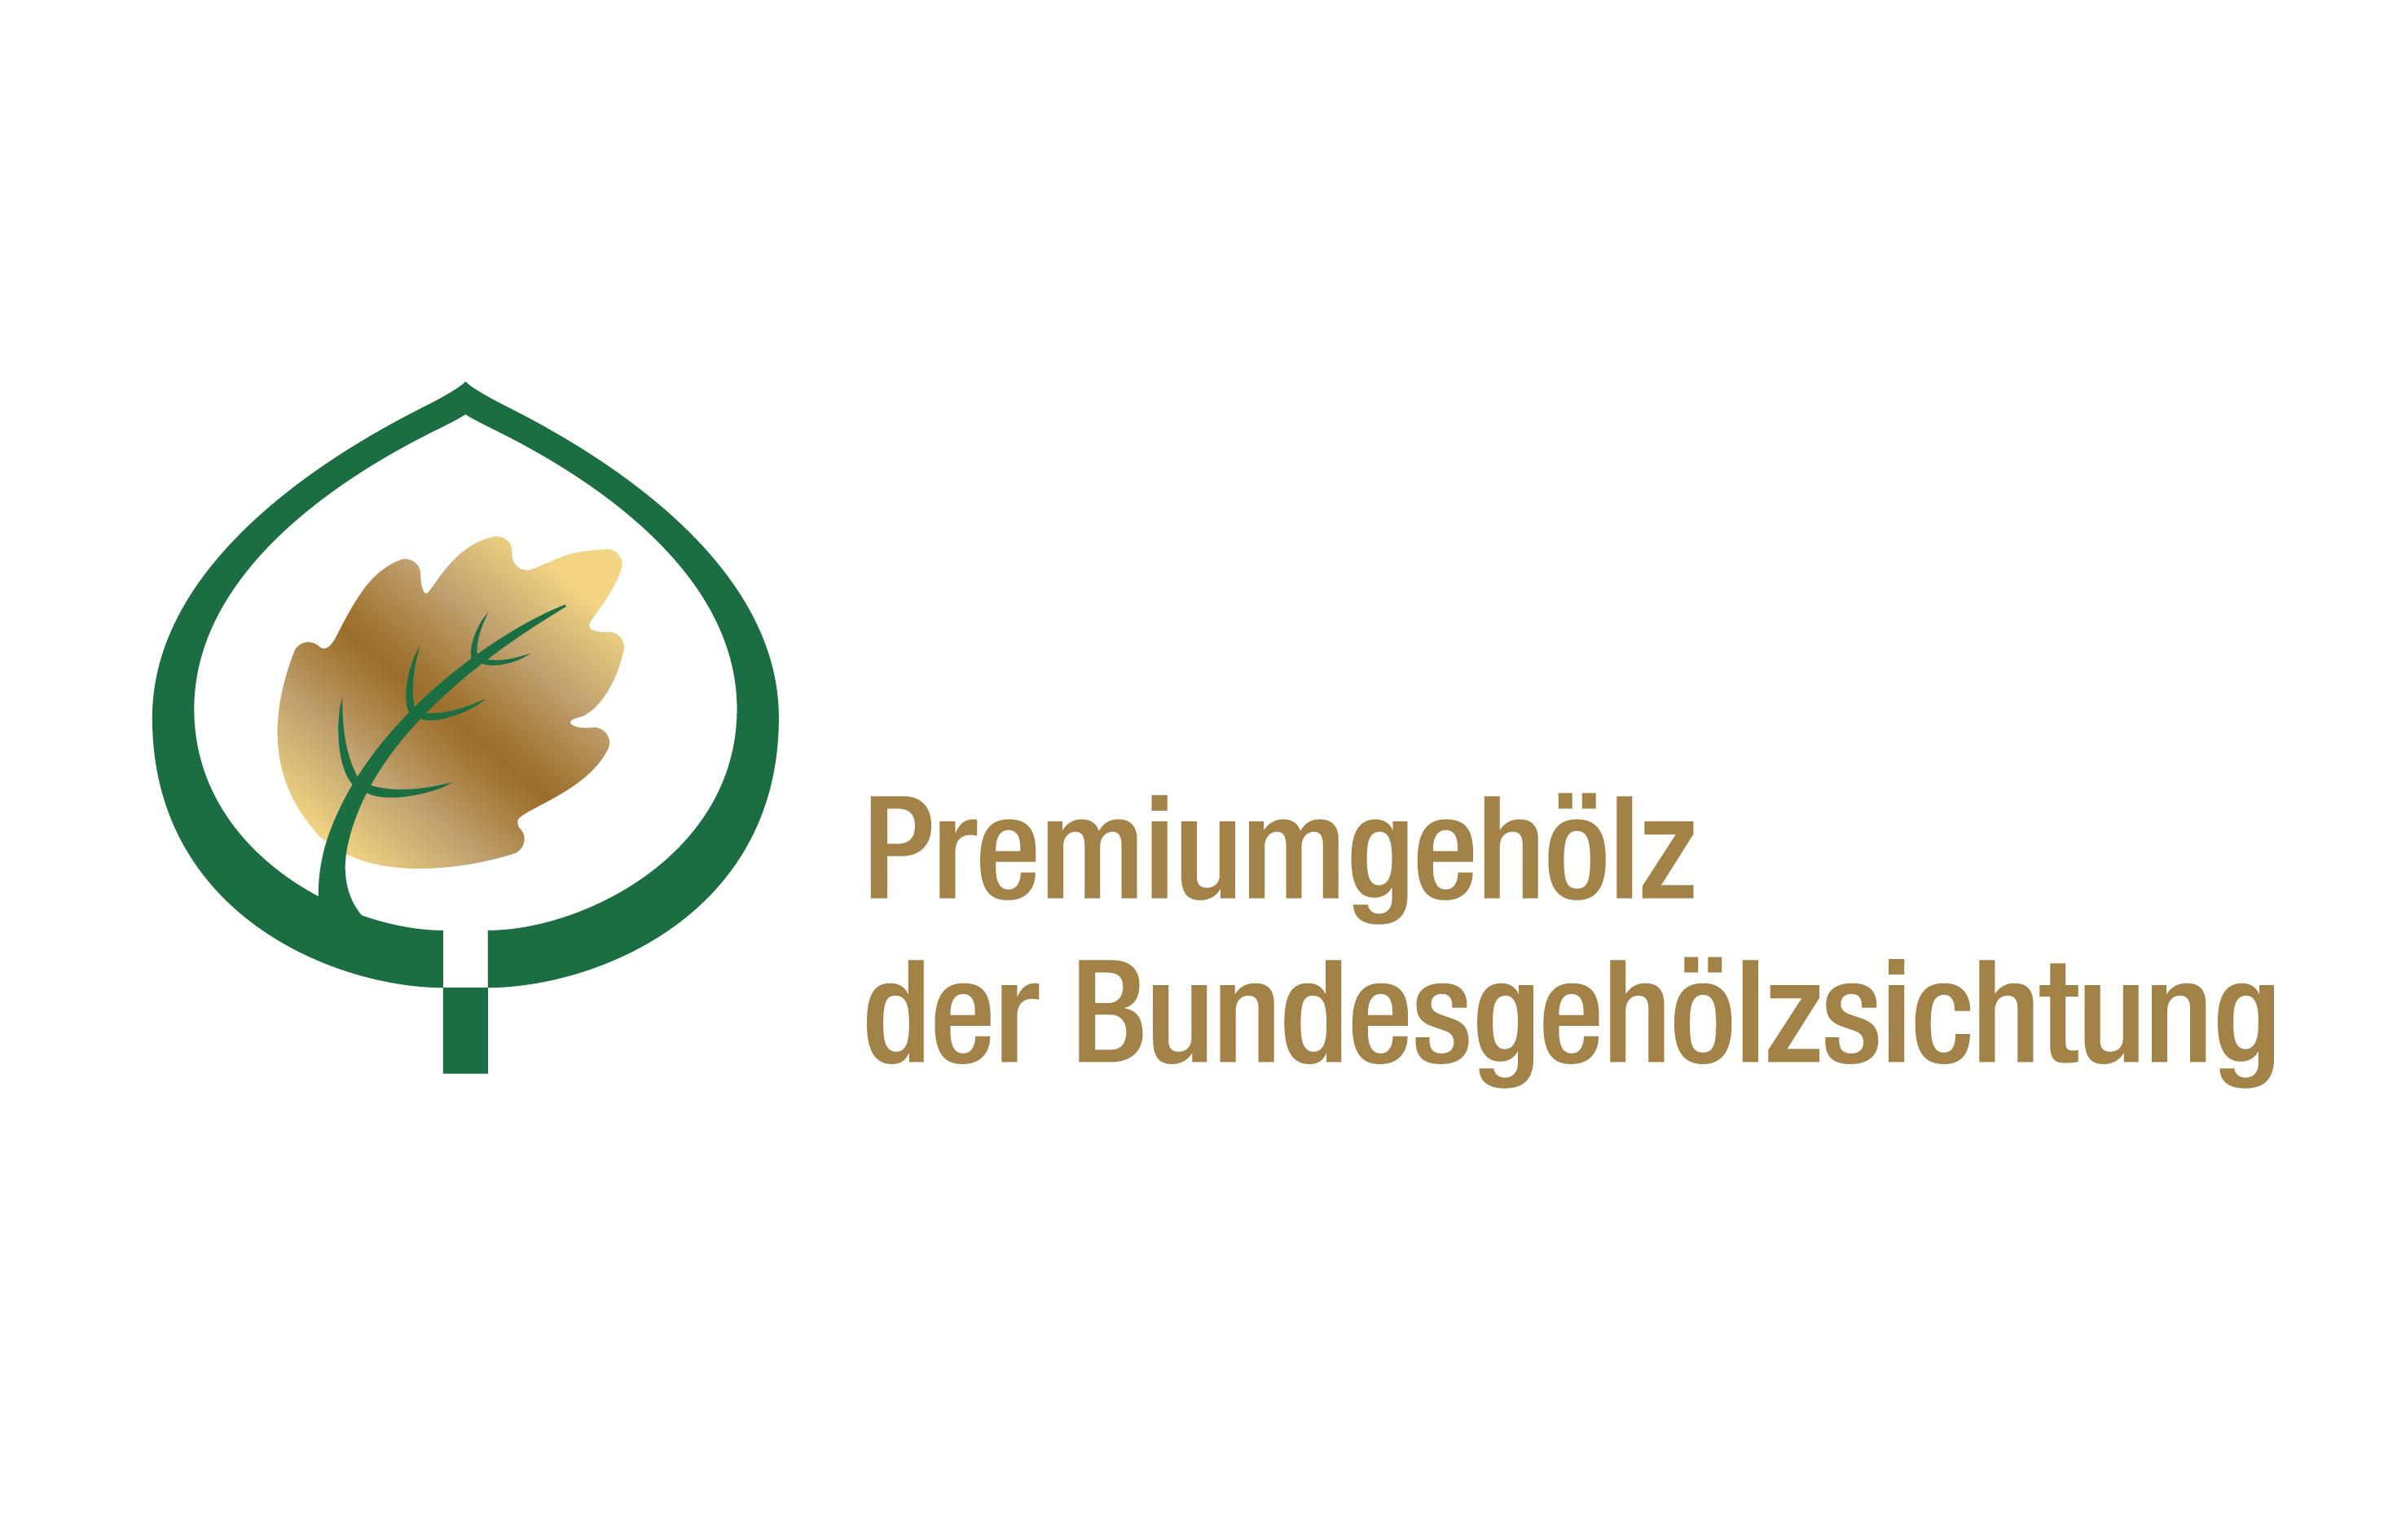 Premiumgehölz der Bundesgehölzsichtung